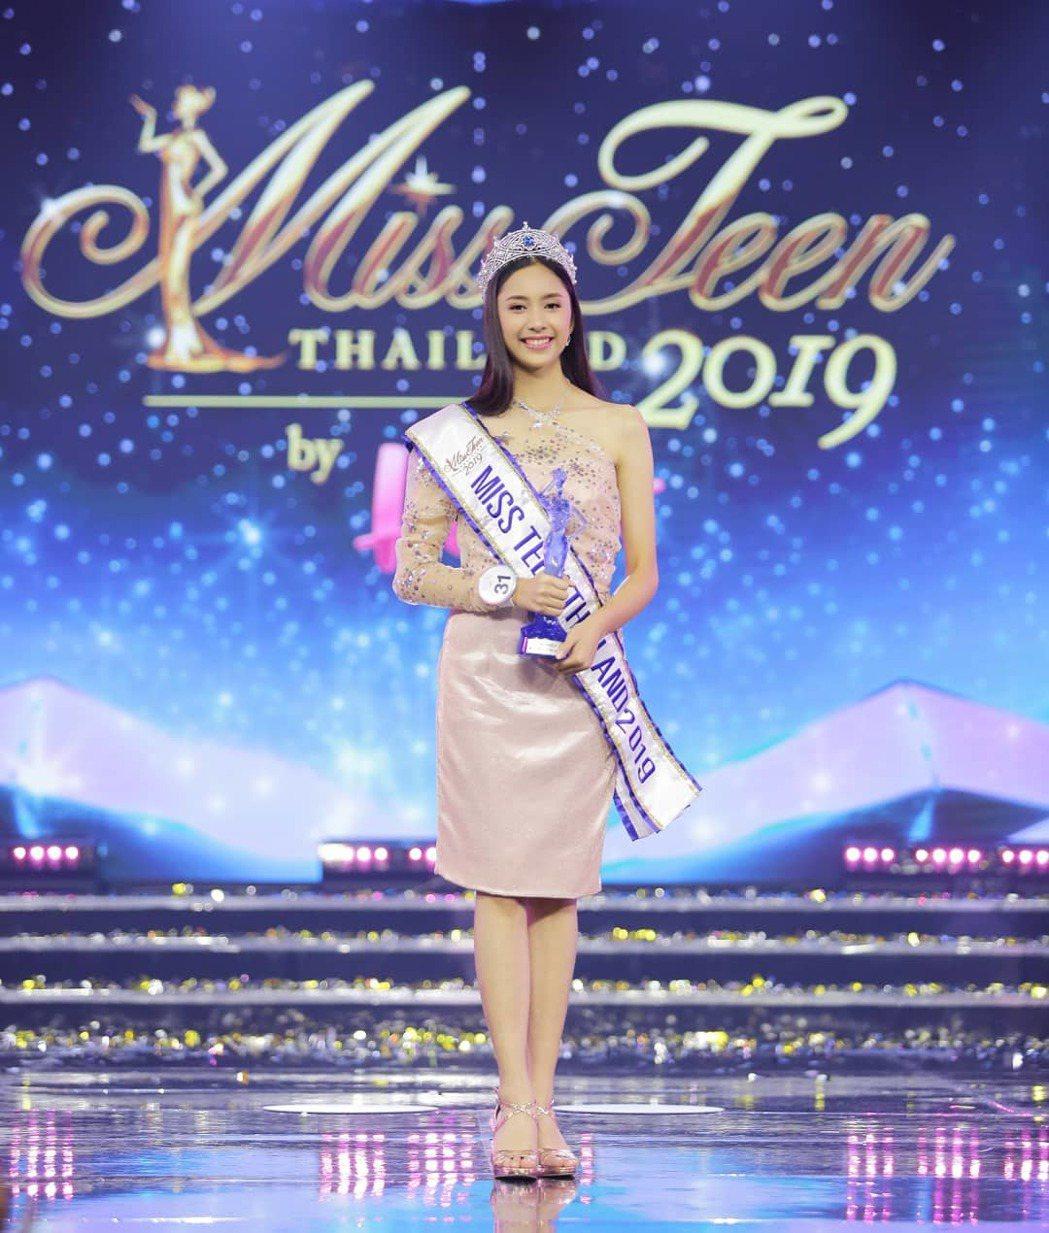 15歲的Pinn在2019年泰國妙齡小姐比賽奪冠。 圖/擷自IG